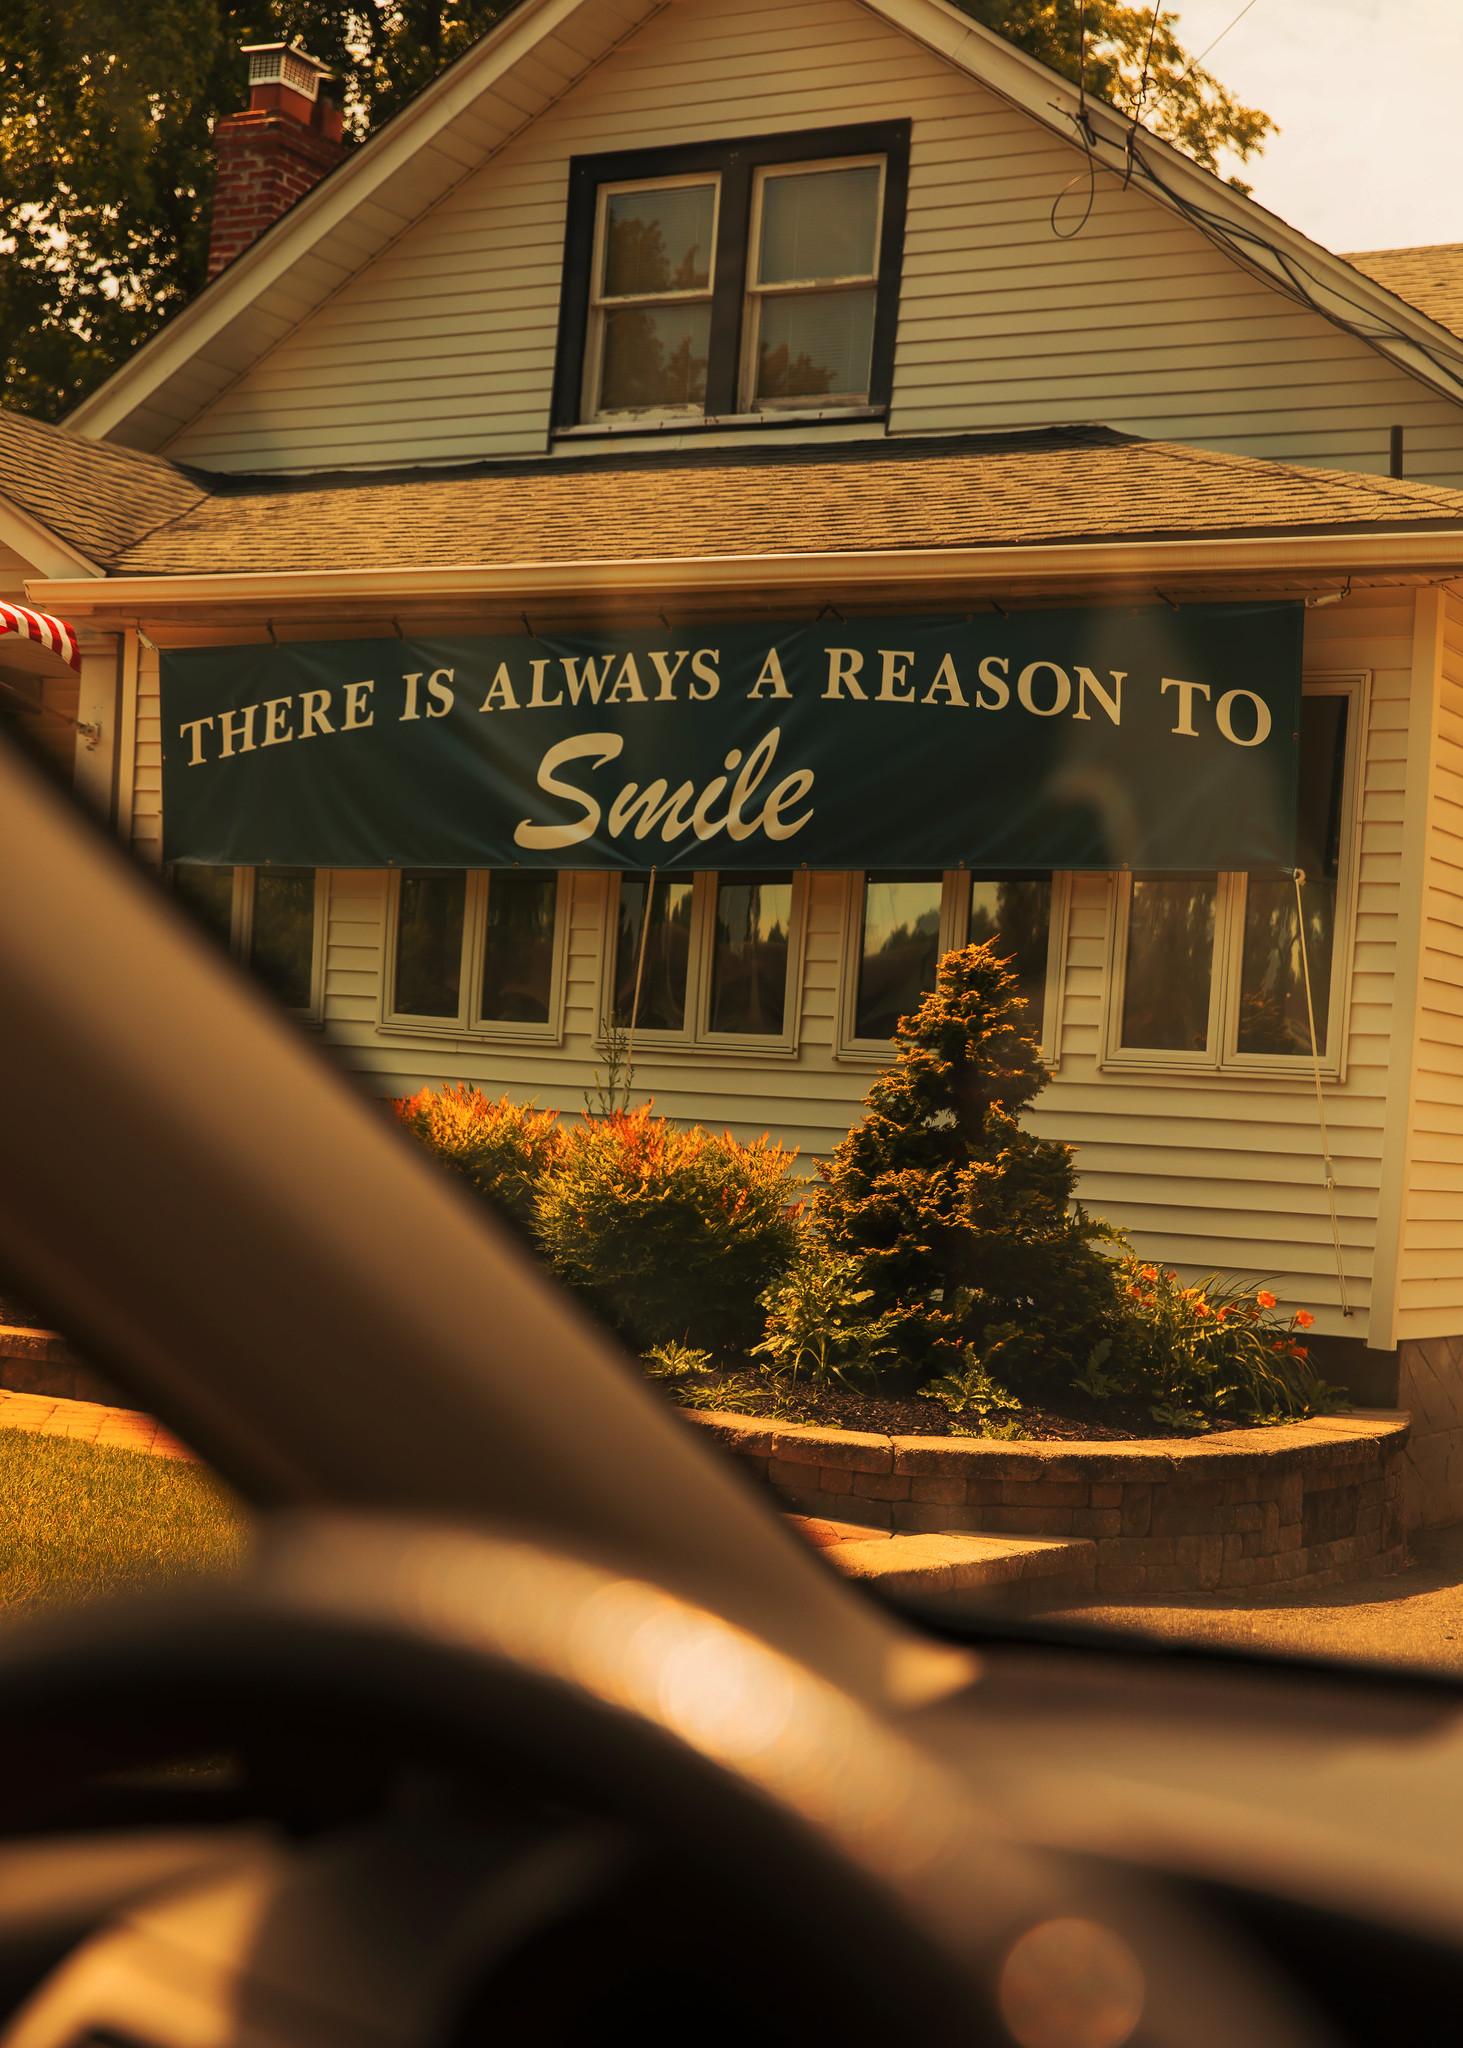 SmileSign.jpg